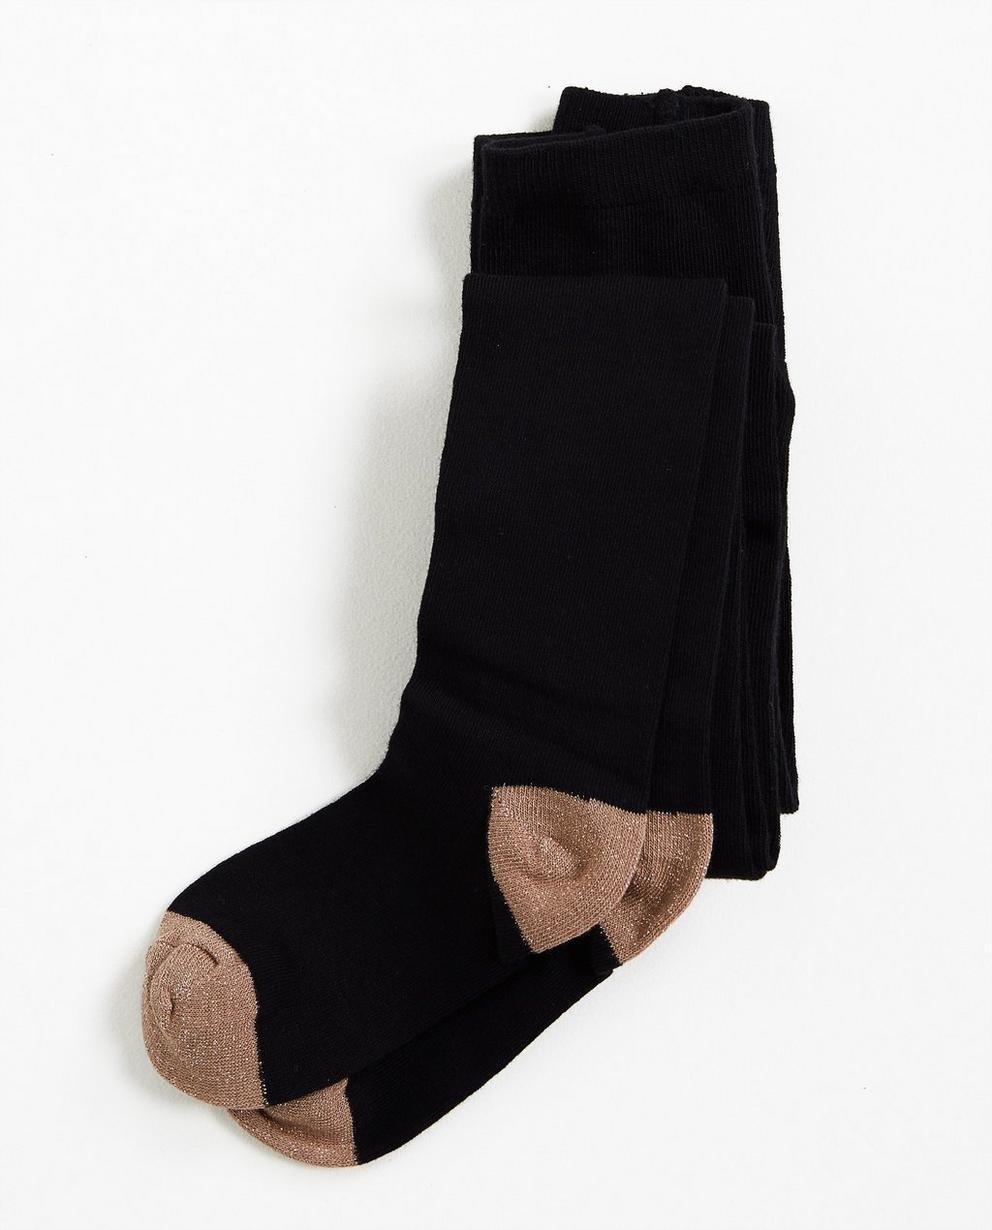 Zwarte kousenbroek - met beige teen + hiel - Grogy